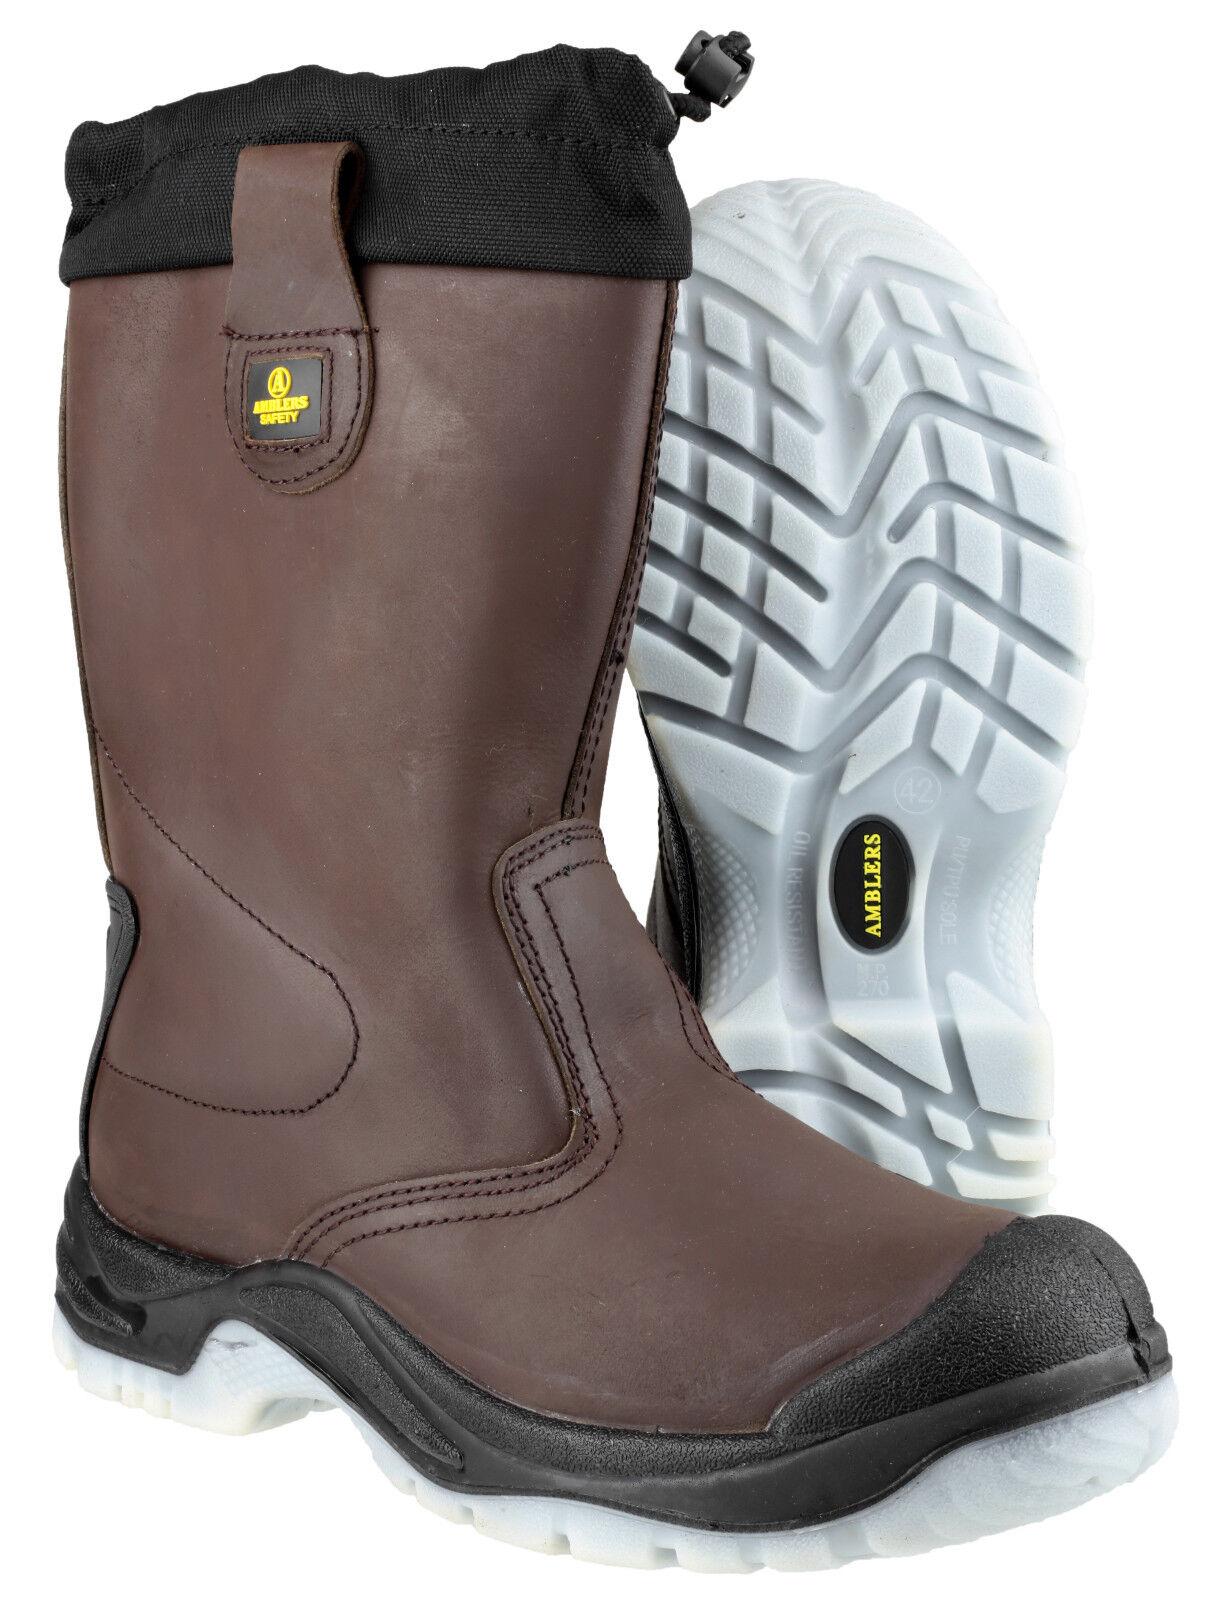 Amblers FS219 Rigger Sicurezza Da Uomo In Marrone Da Infilare Punta In Uomo Acciaio Tappo Stivali scarpe uk4-14 430292